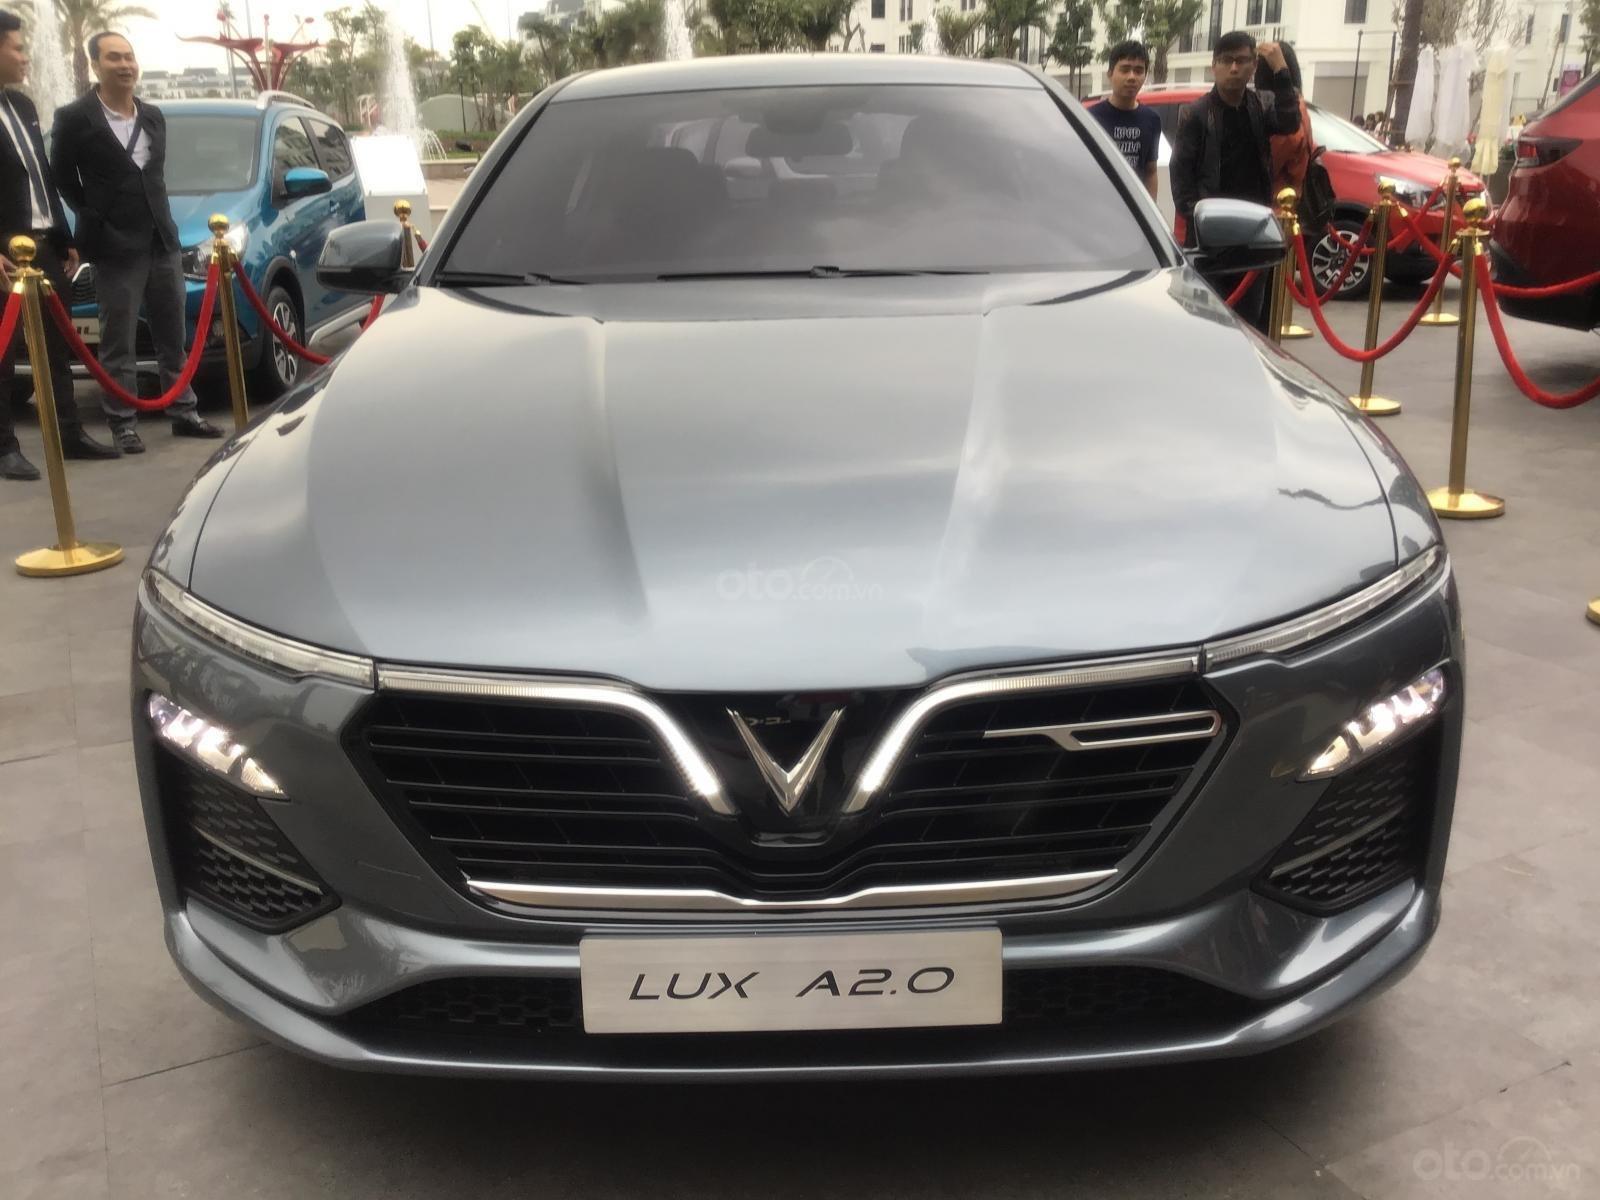 Vinfast Hải Phòng, đặt cọc xe Vinfast Lux A2.0 tại Hải Phòng giá tốt nhất, nhận xe nhanh nhất-0